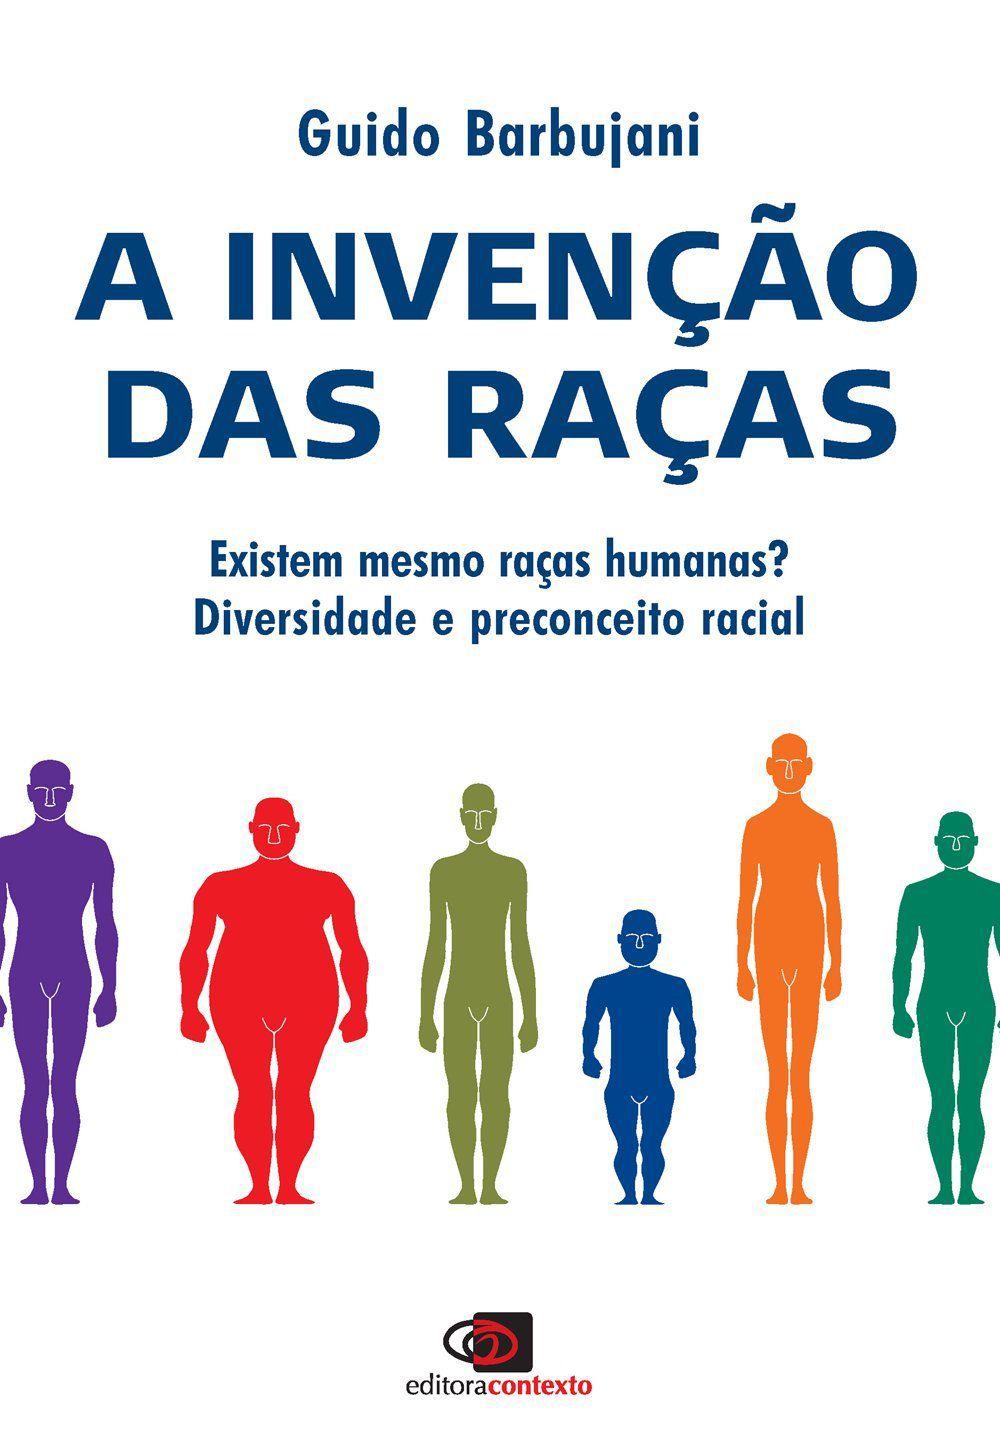 A invenção das raças